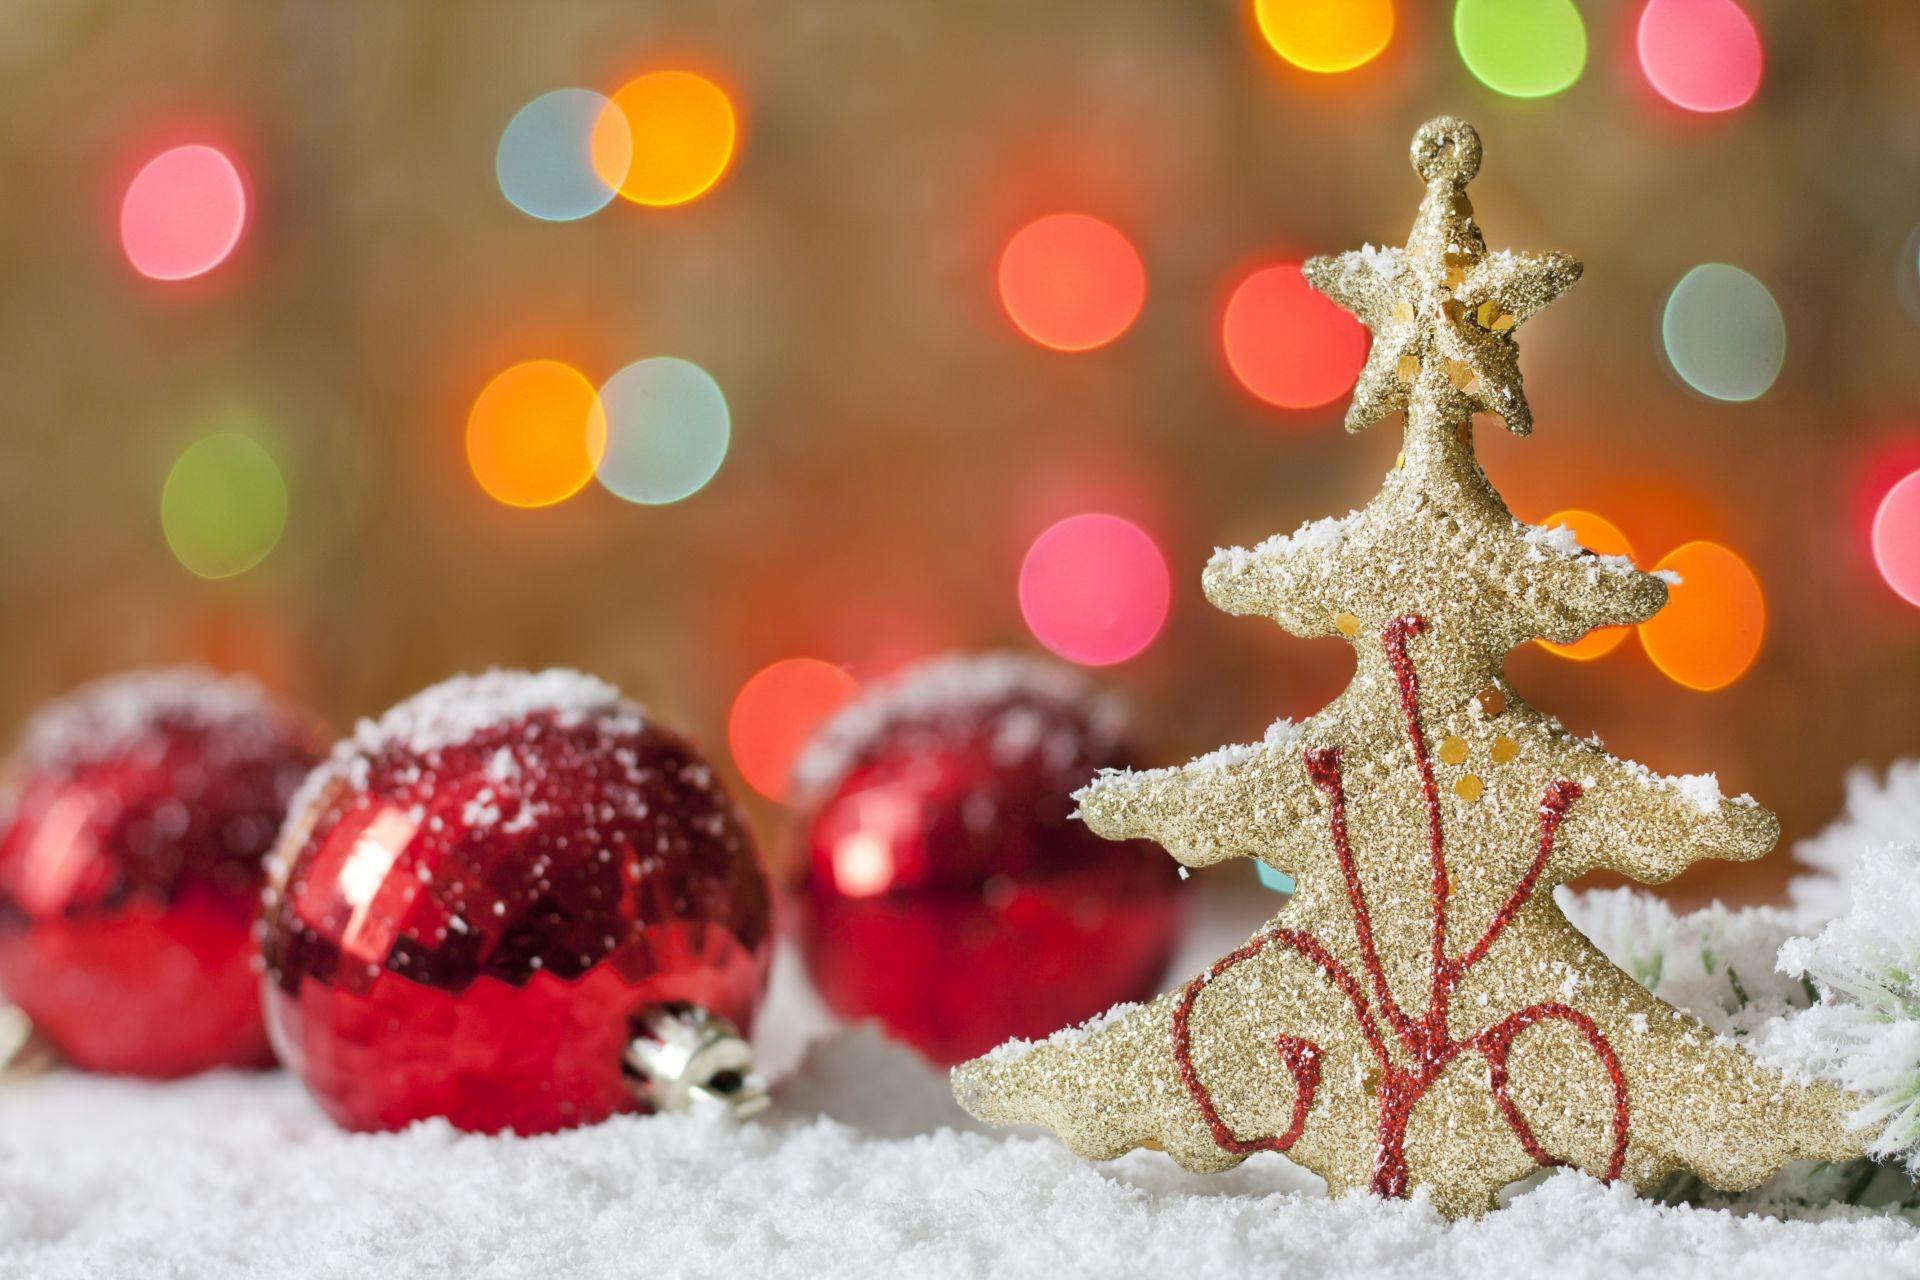 считается святым новый год на рабочий стол обои отличного качества эти